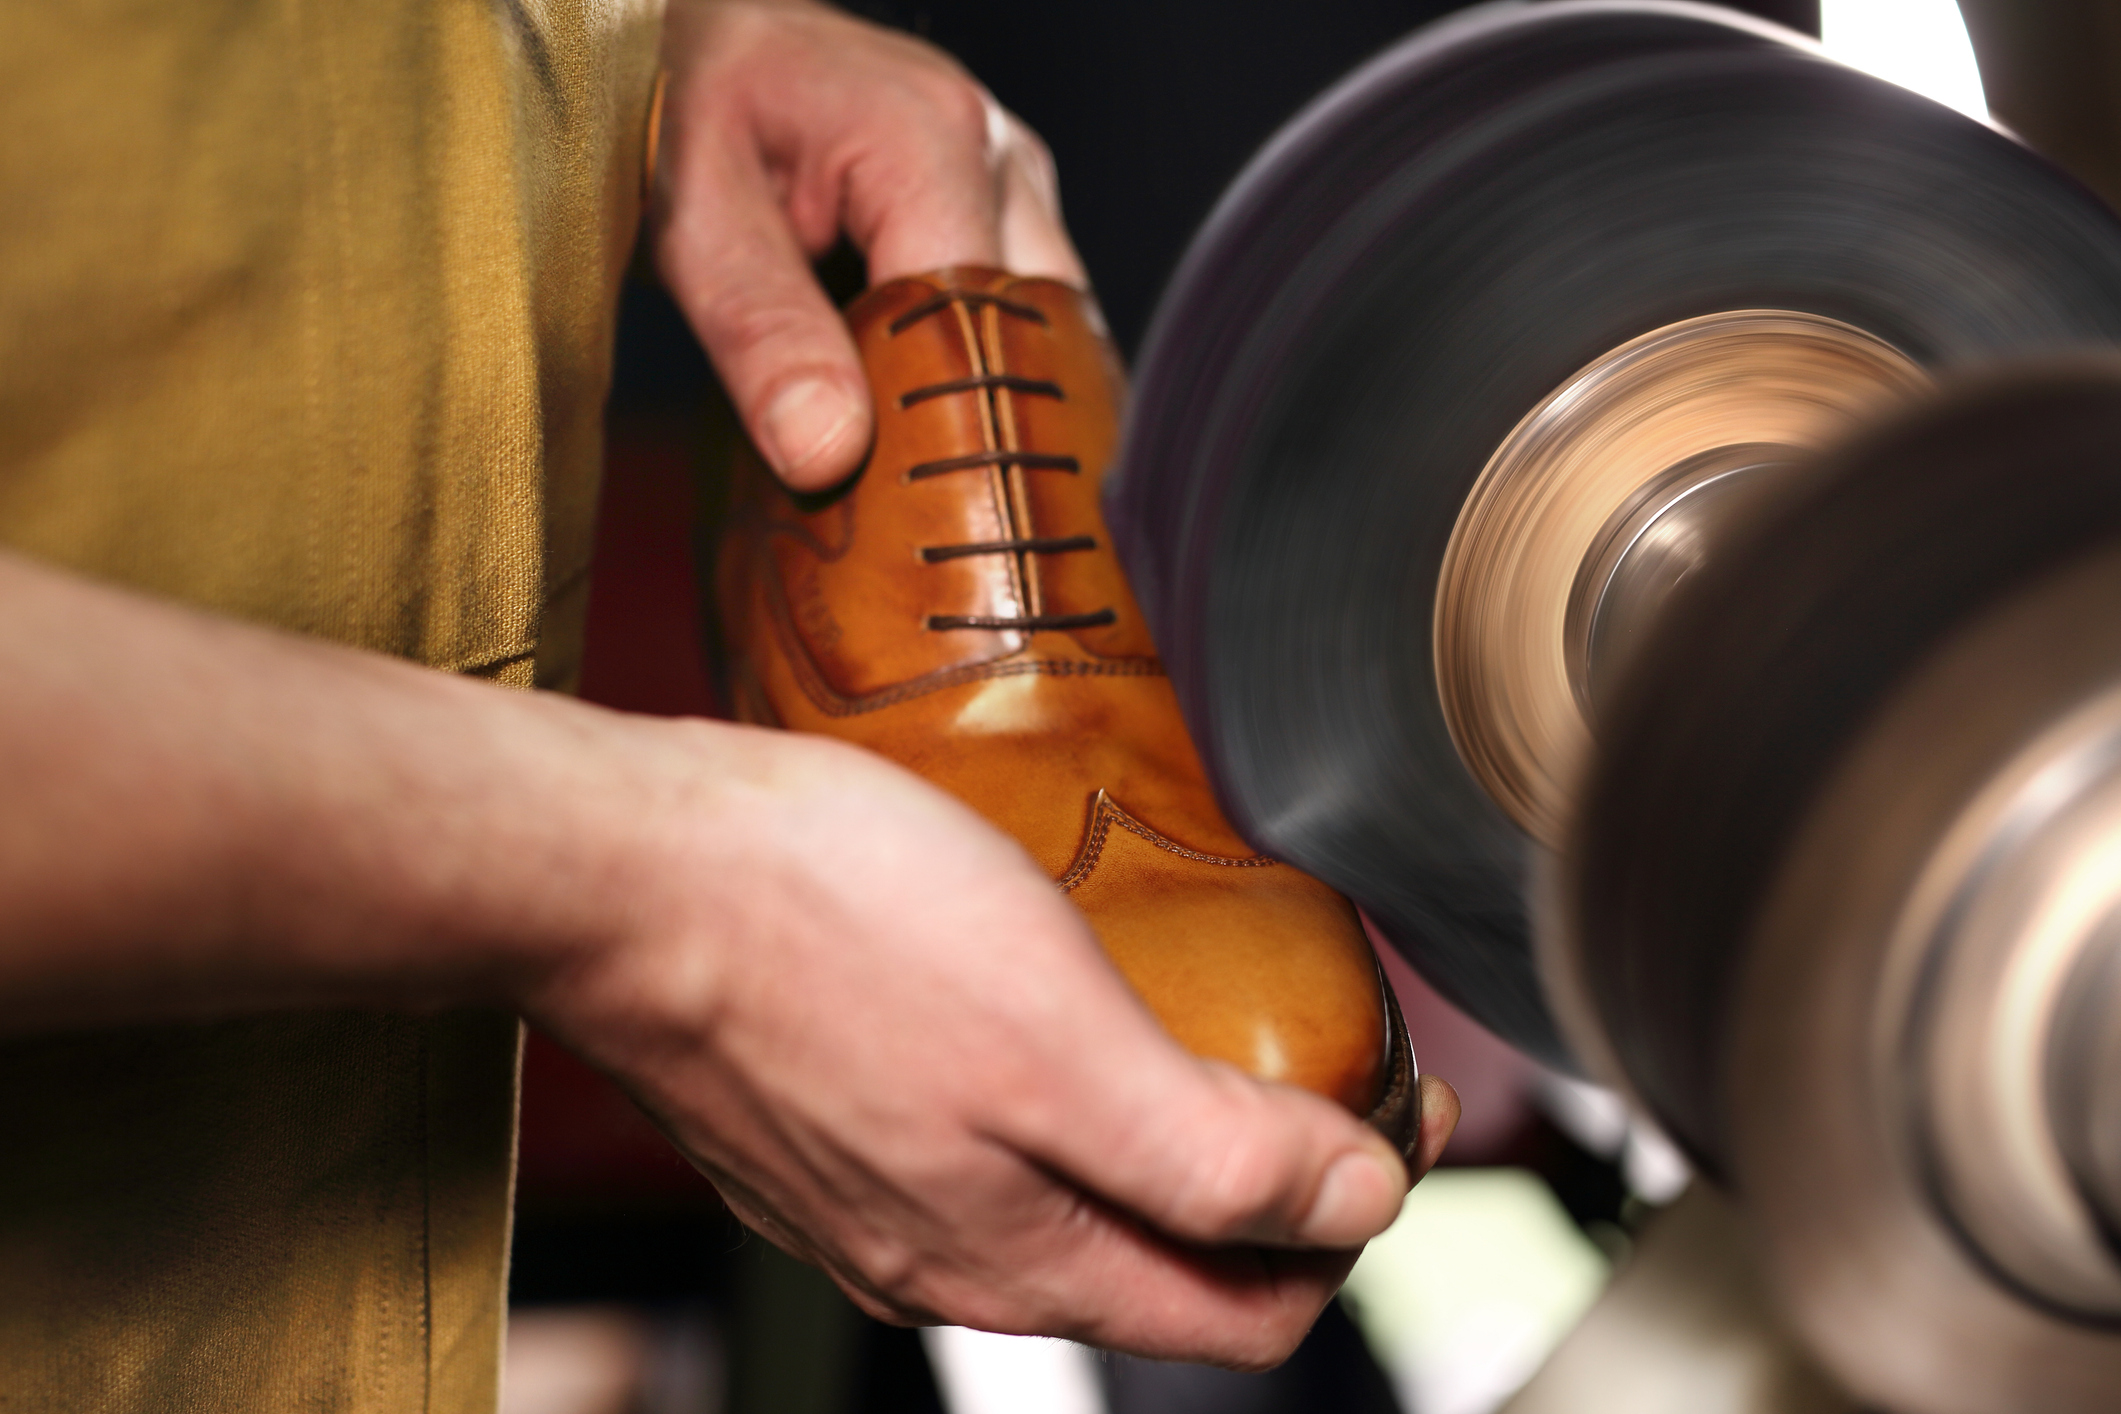 Das Weiten und Längen - Zu enge Schuhe passend machen